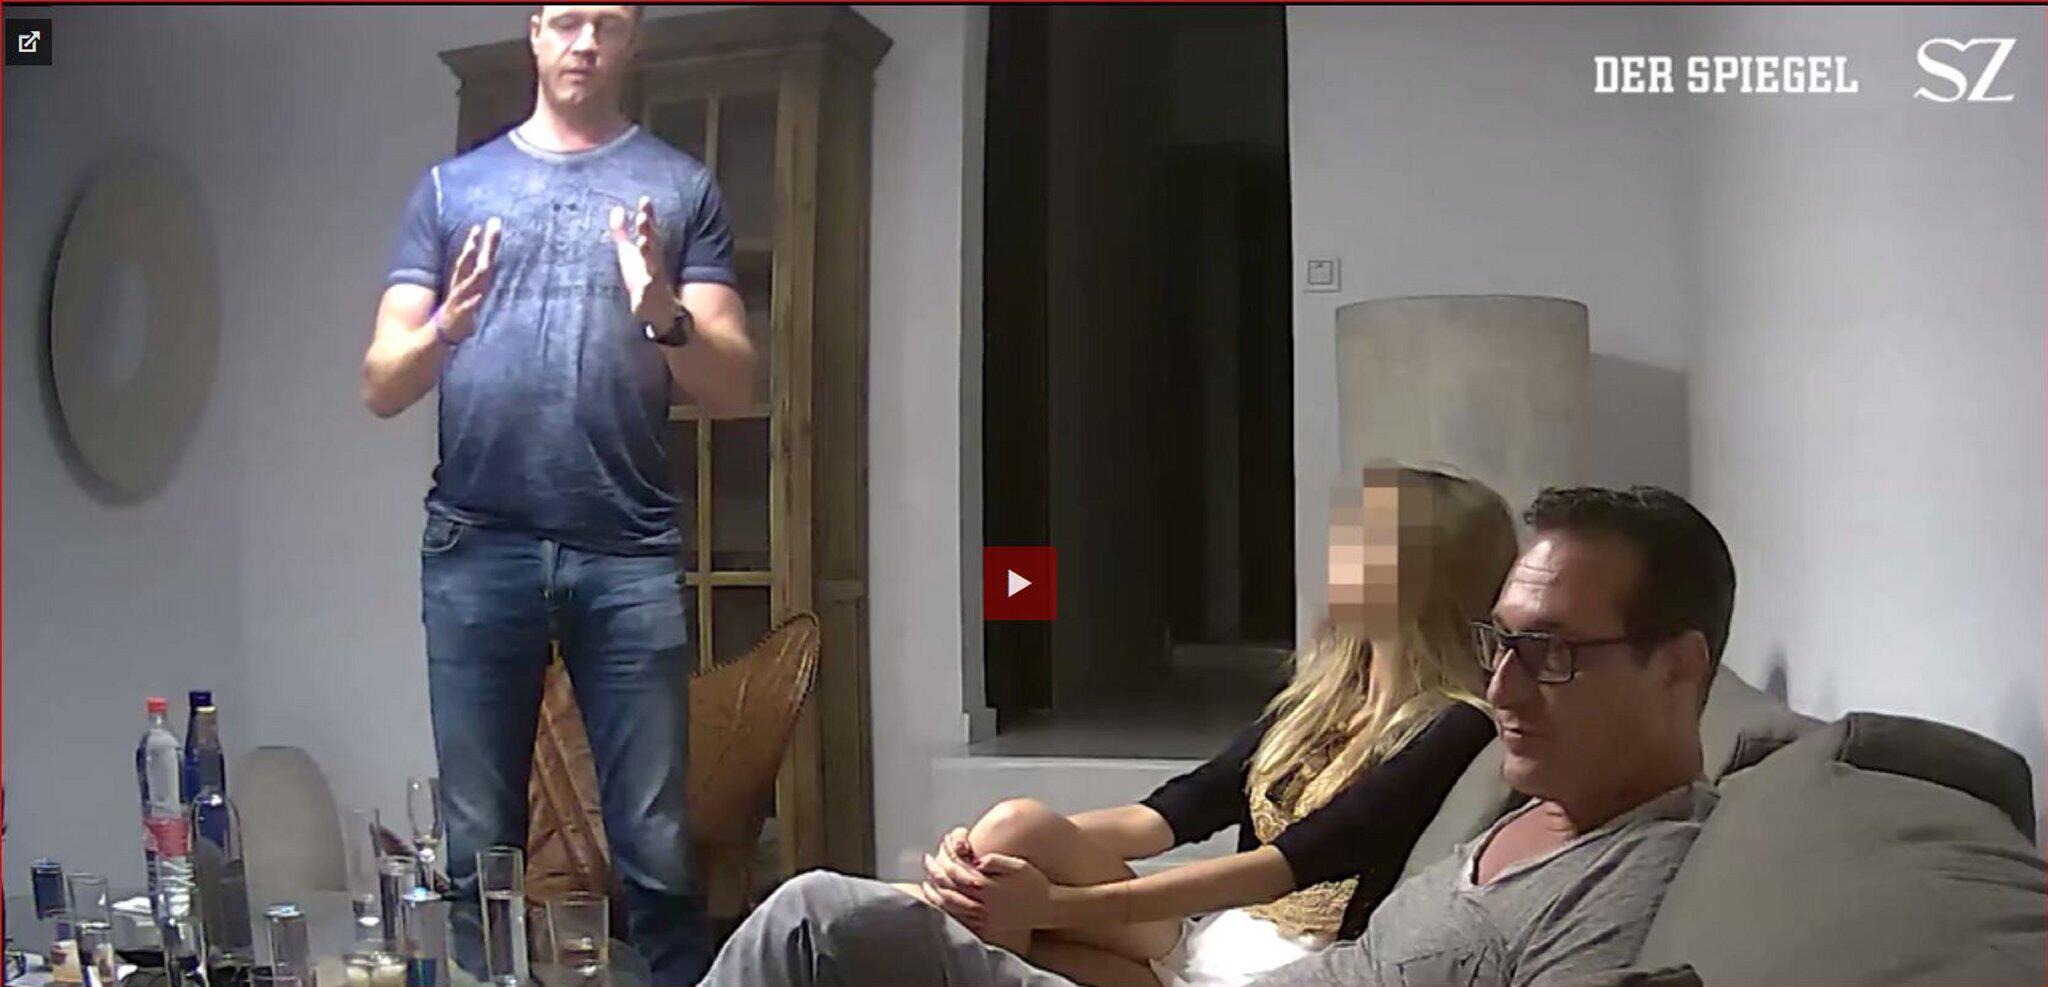 Bild zu In Österreichs Ibiza-Affäre nun U-Haft für Verdächtige beantragt